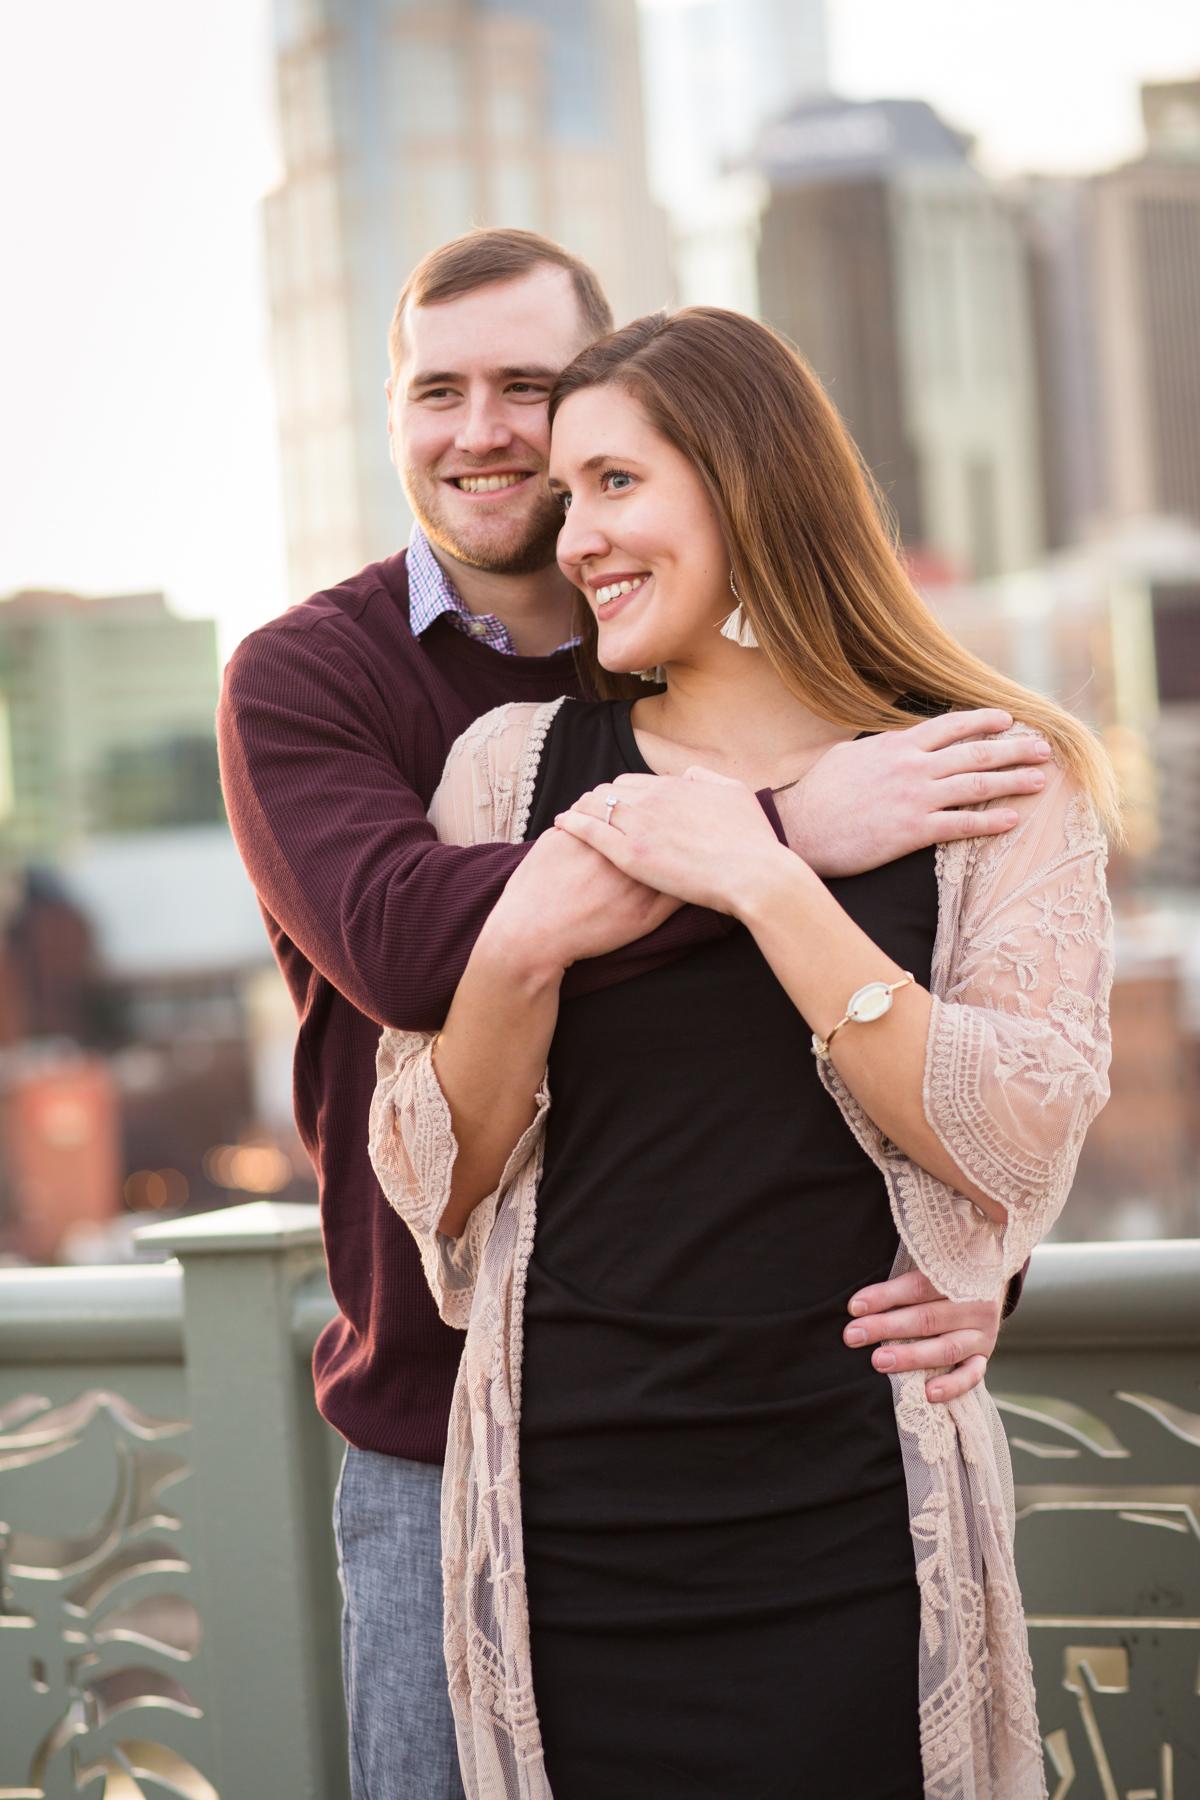 Lauren-and-Grant-Engagement-Centennial-Park-Nashville-Sneak-Peak-0058.jpg